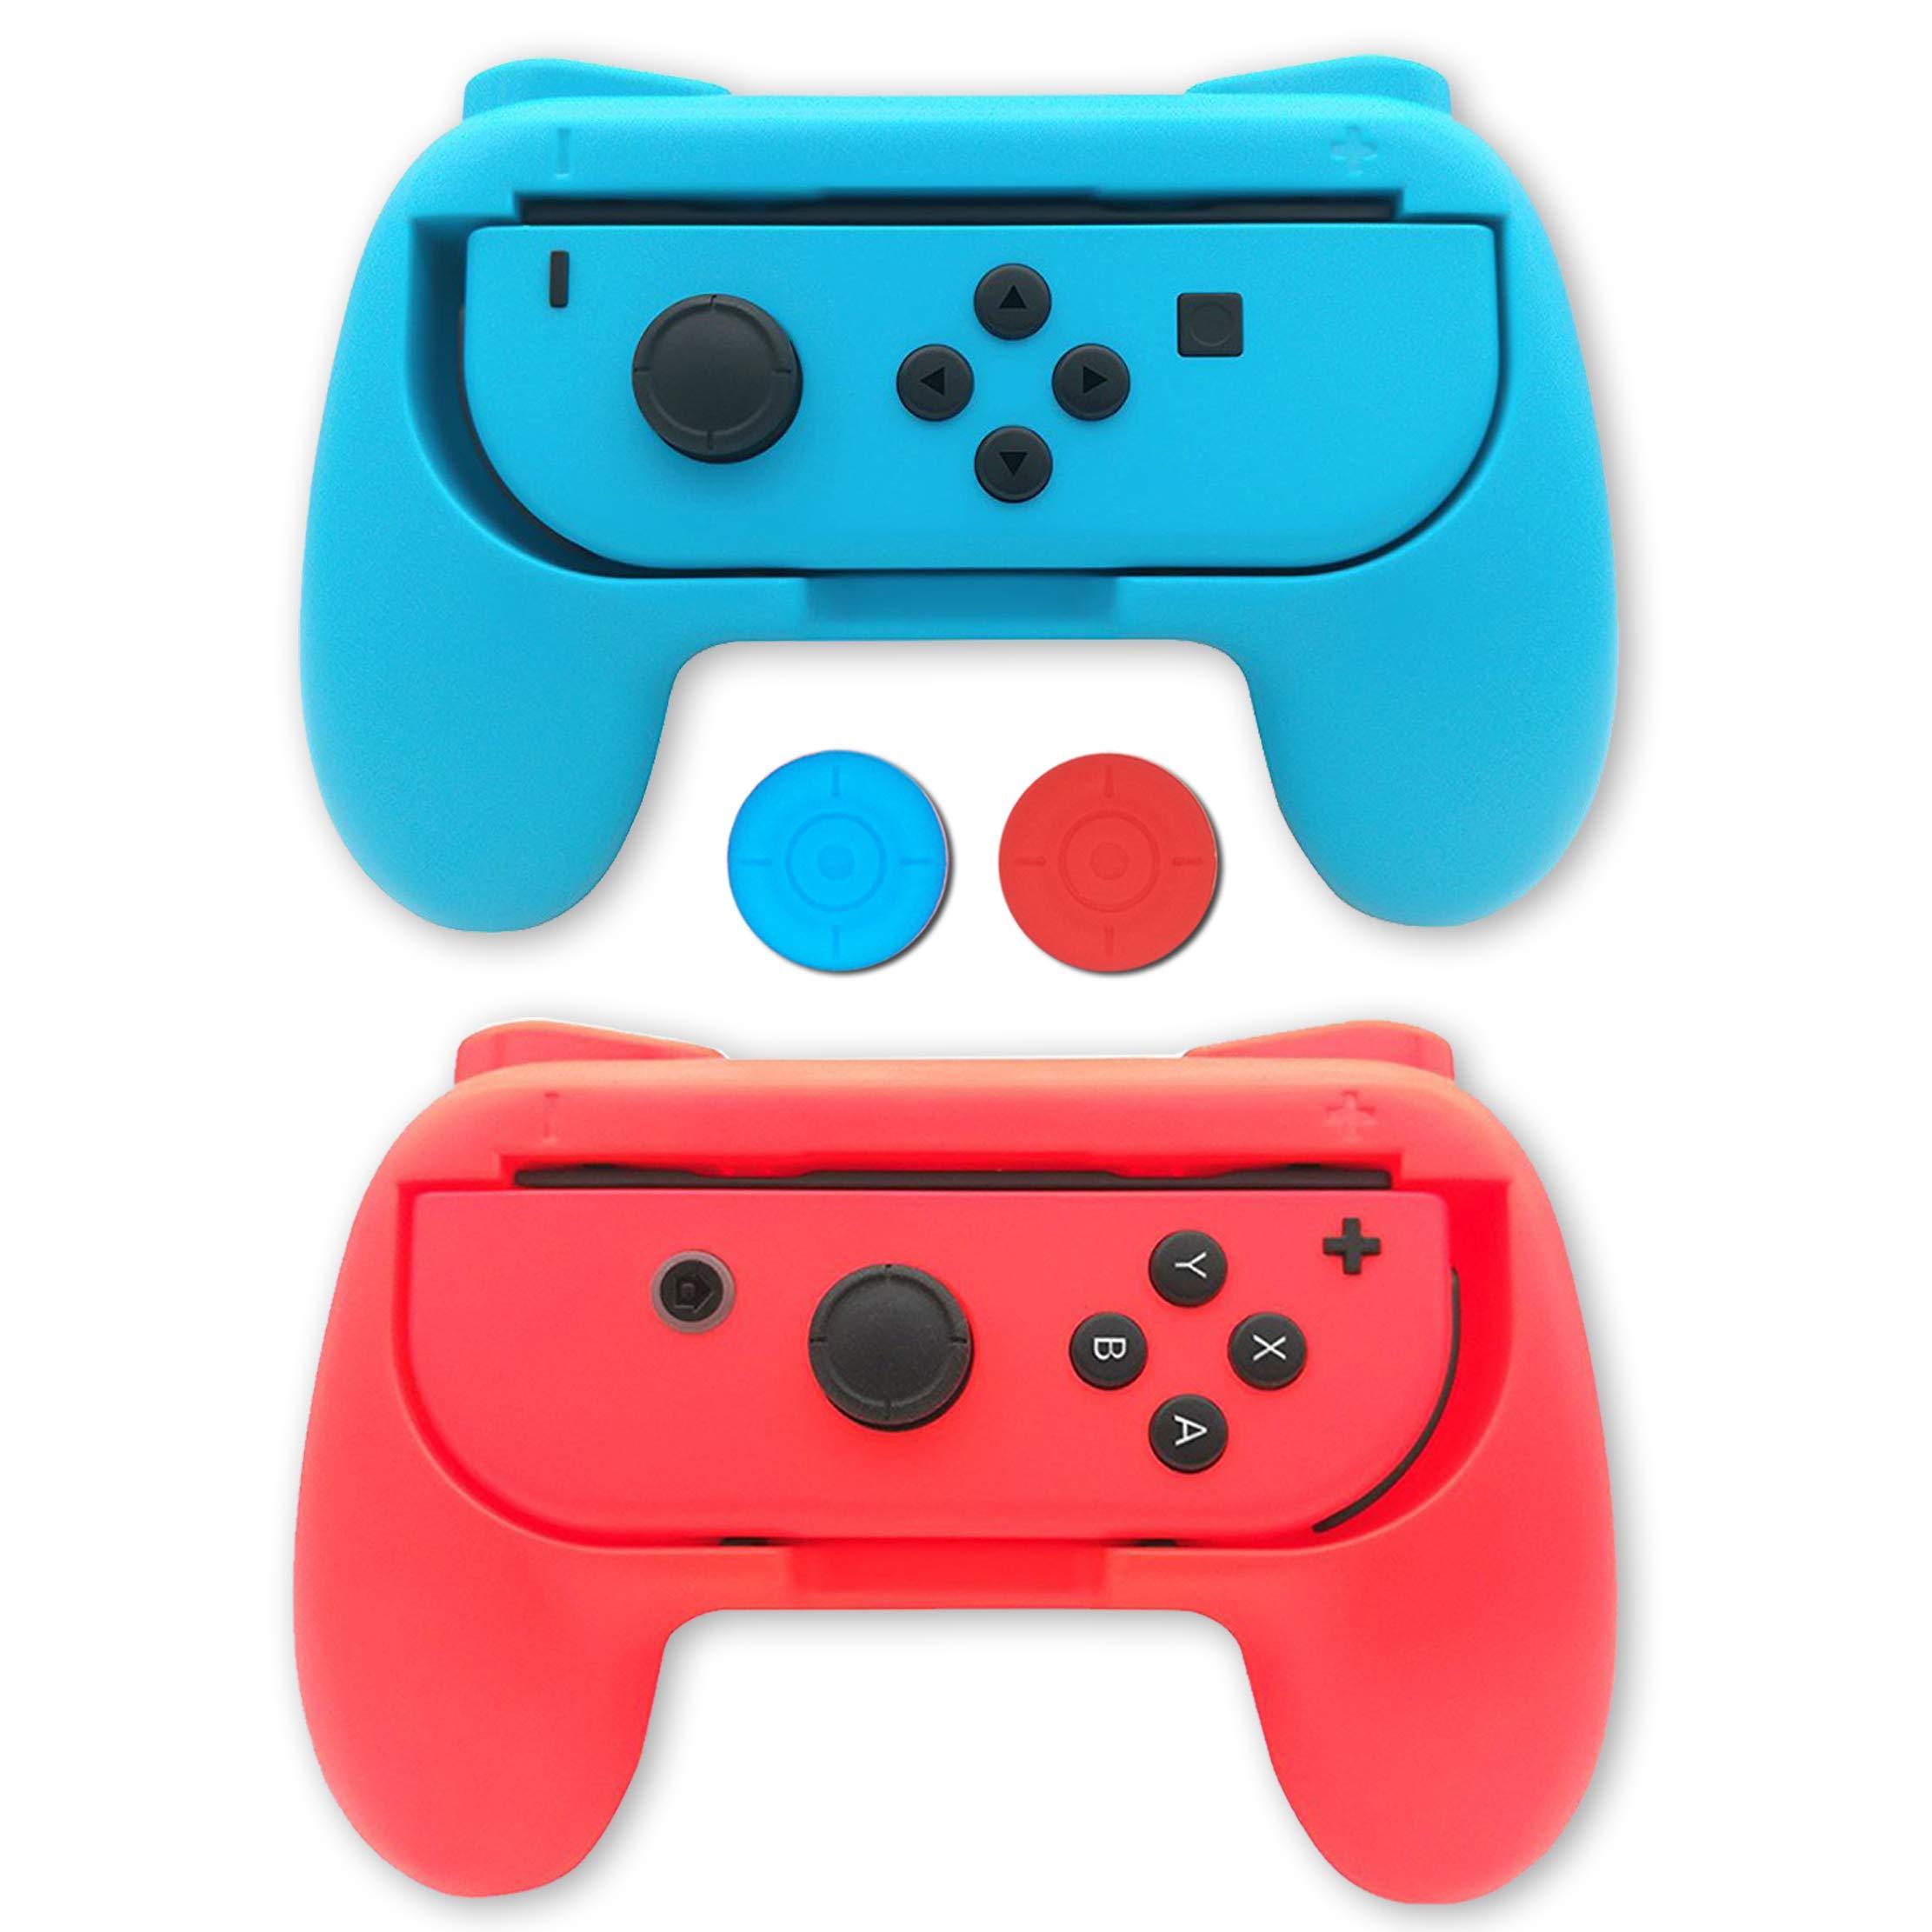 Raqueta de tenis para Nintendo Switch Mario Tennis Aces Game – Juego de 2 raquetas de tenis para interruptores Joy-Con Controllers, 2 paquetes (1 azul y 1 rojo): Amazon.es: Belleza